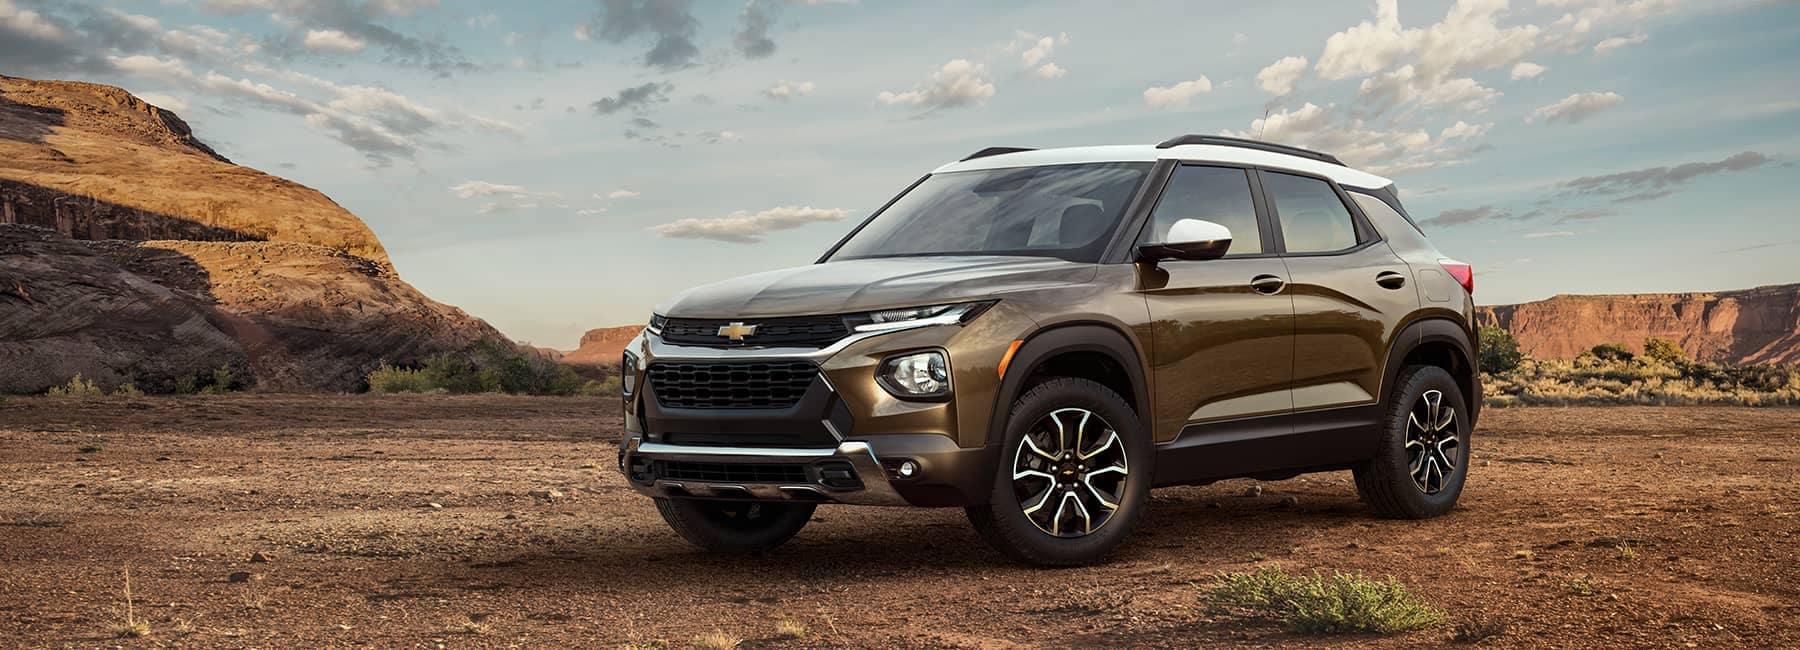 2021 Chevrolet Trailblazer on a Desert Plain